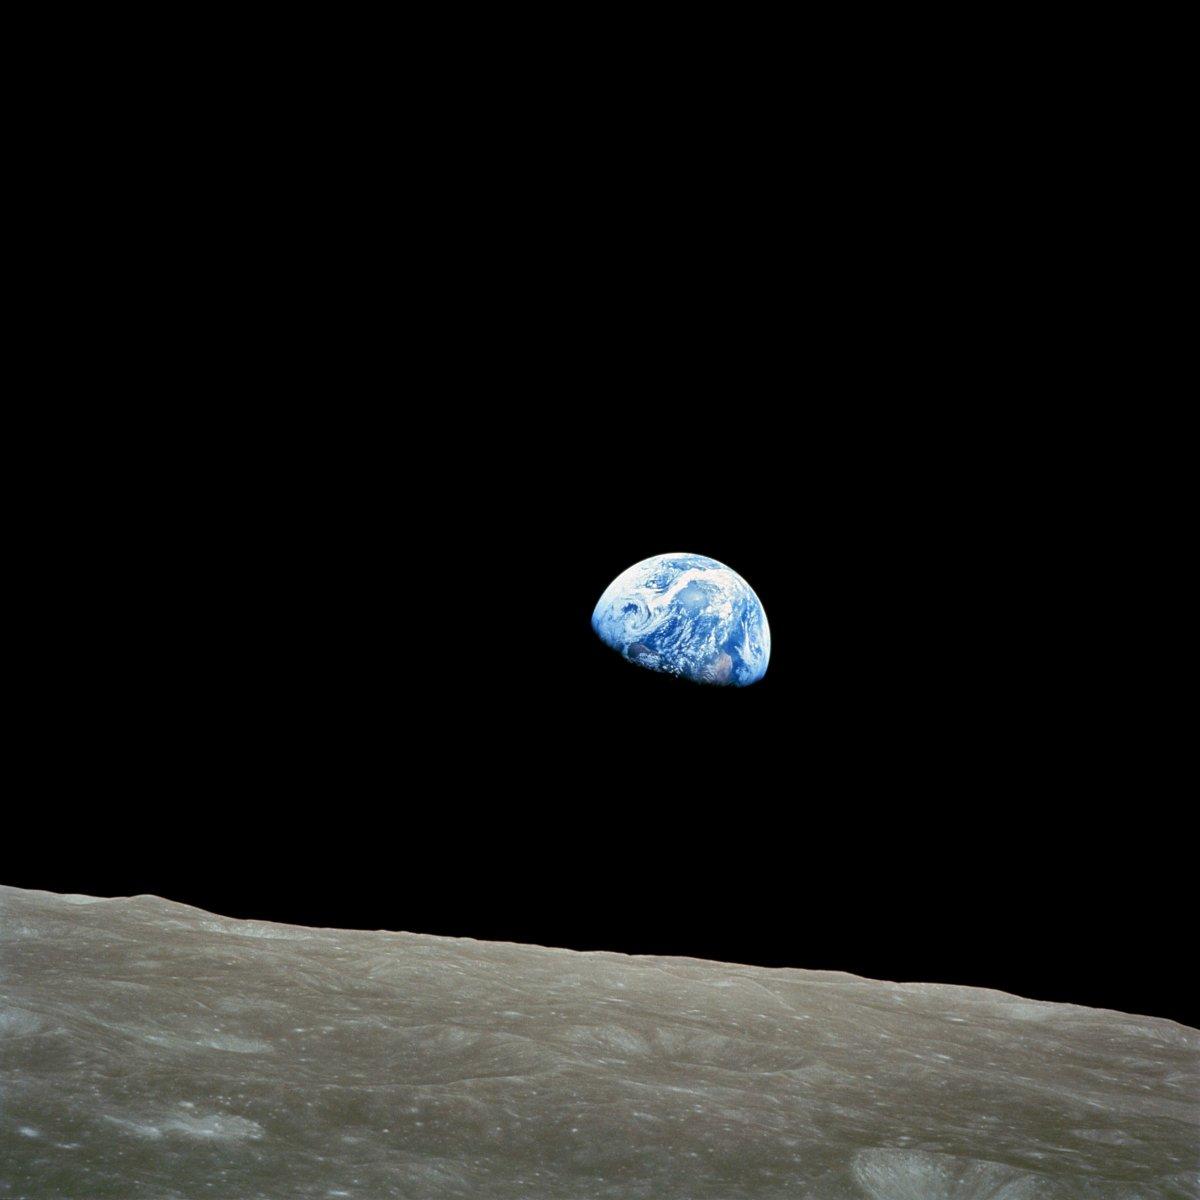 Raumfahrt: China und Russland wollen gemeinsam Mondstation aufbauen